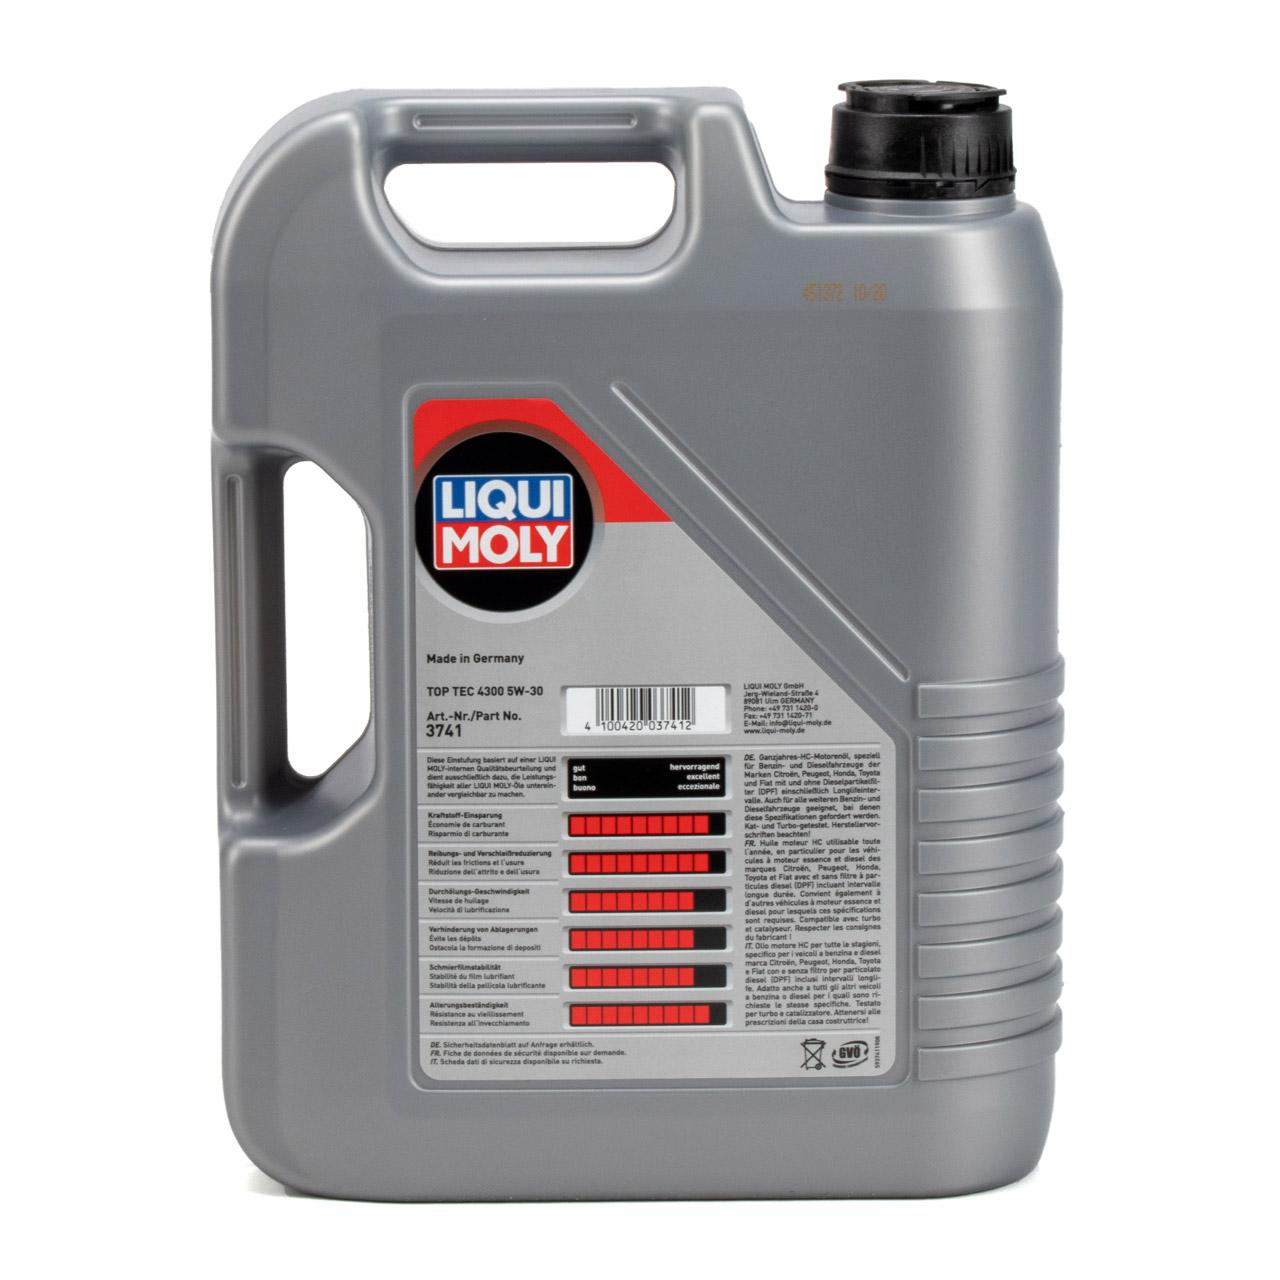 5L LIQUI MOLY TOP TEC 4300 Motoröl Motorenöl 5W-30 5W30 ACEA C2 PSA B71 2290